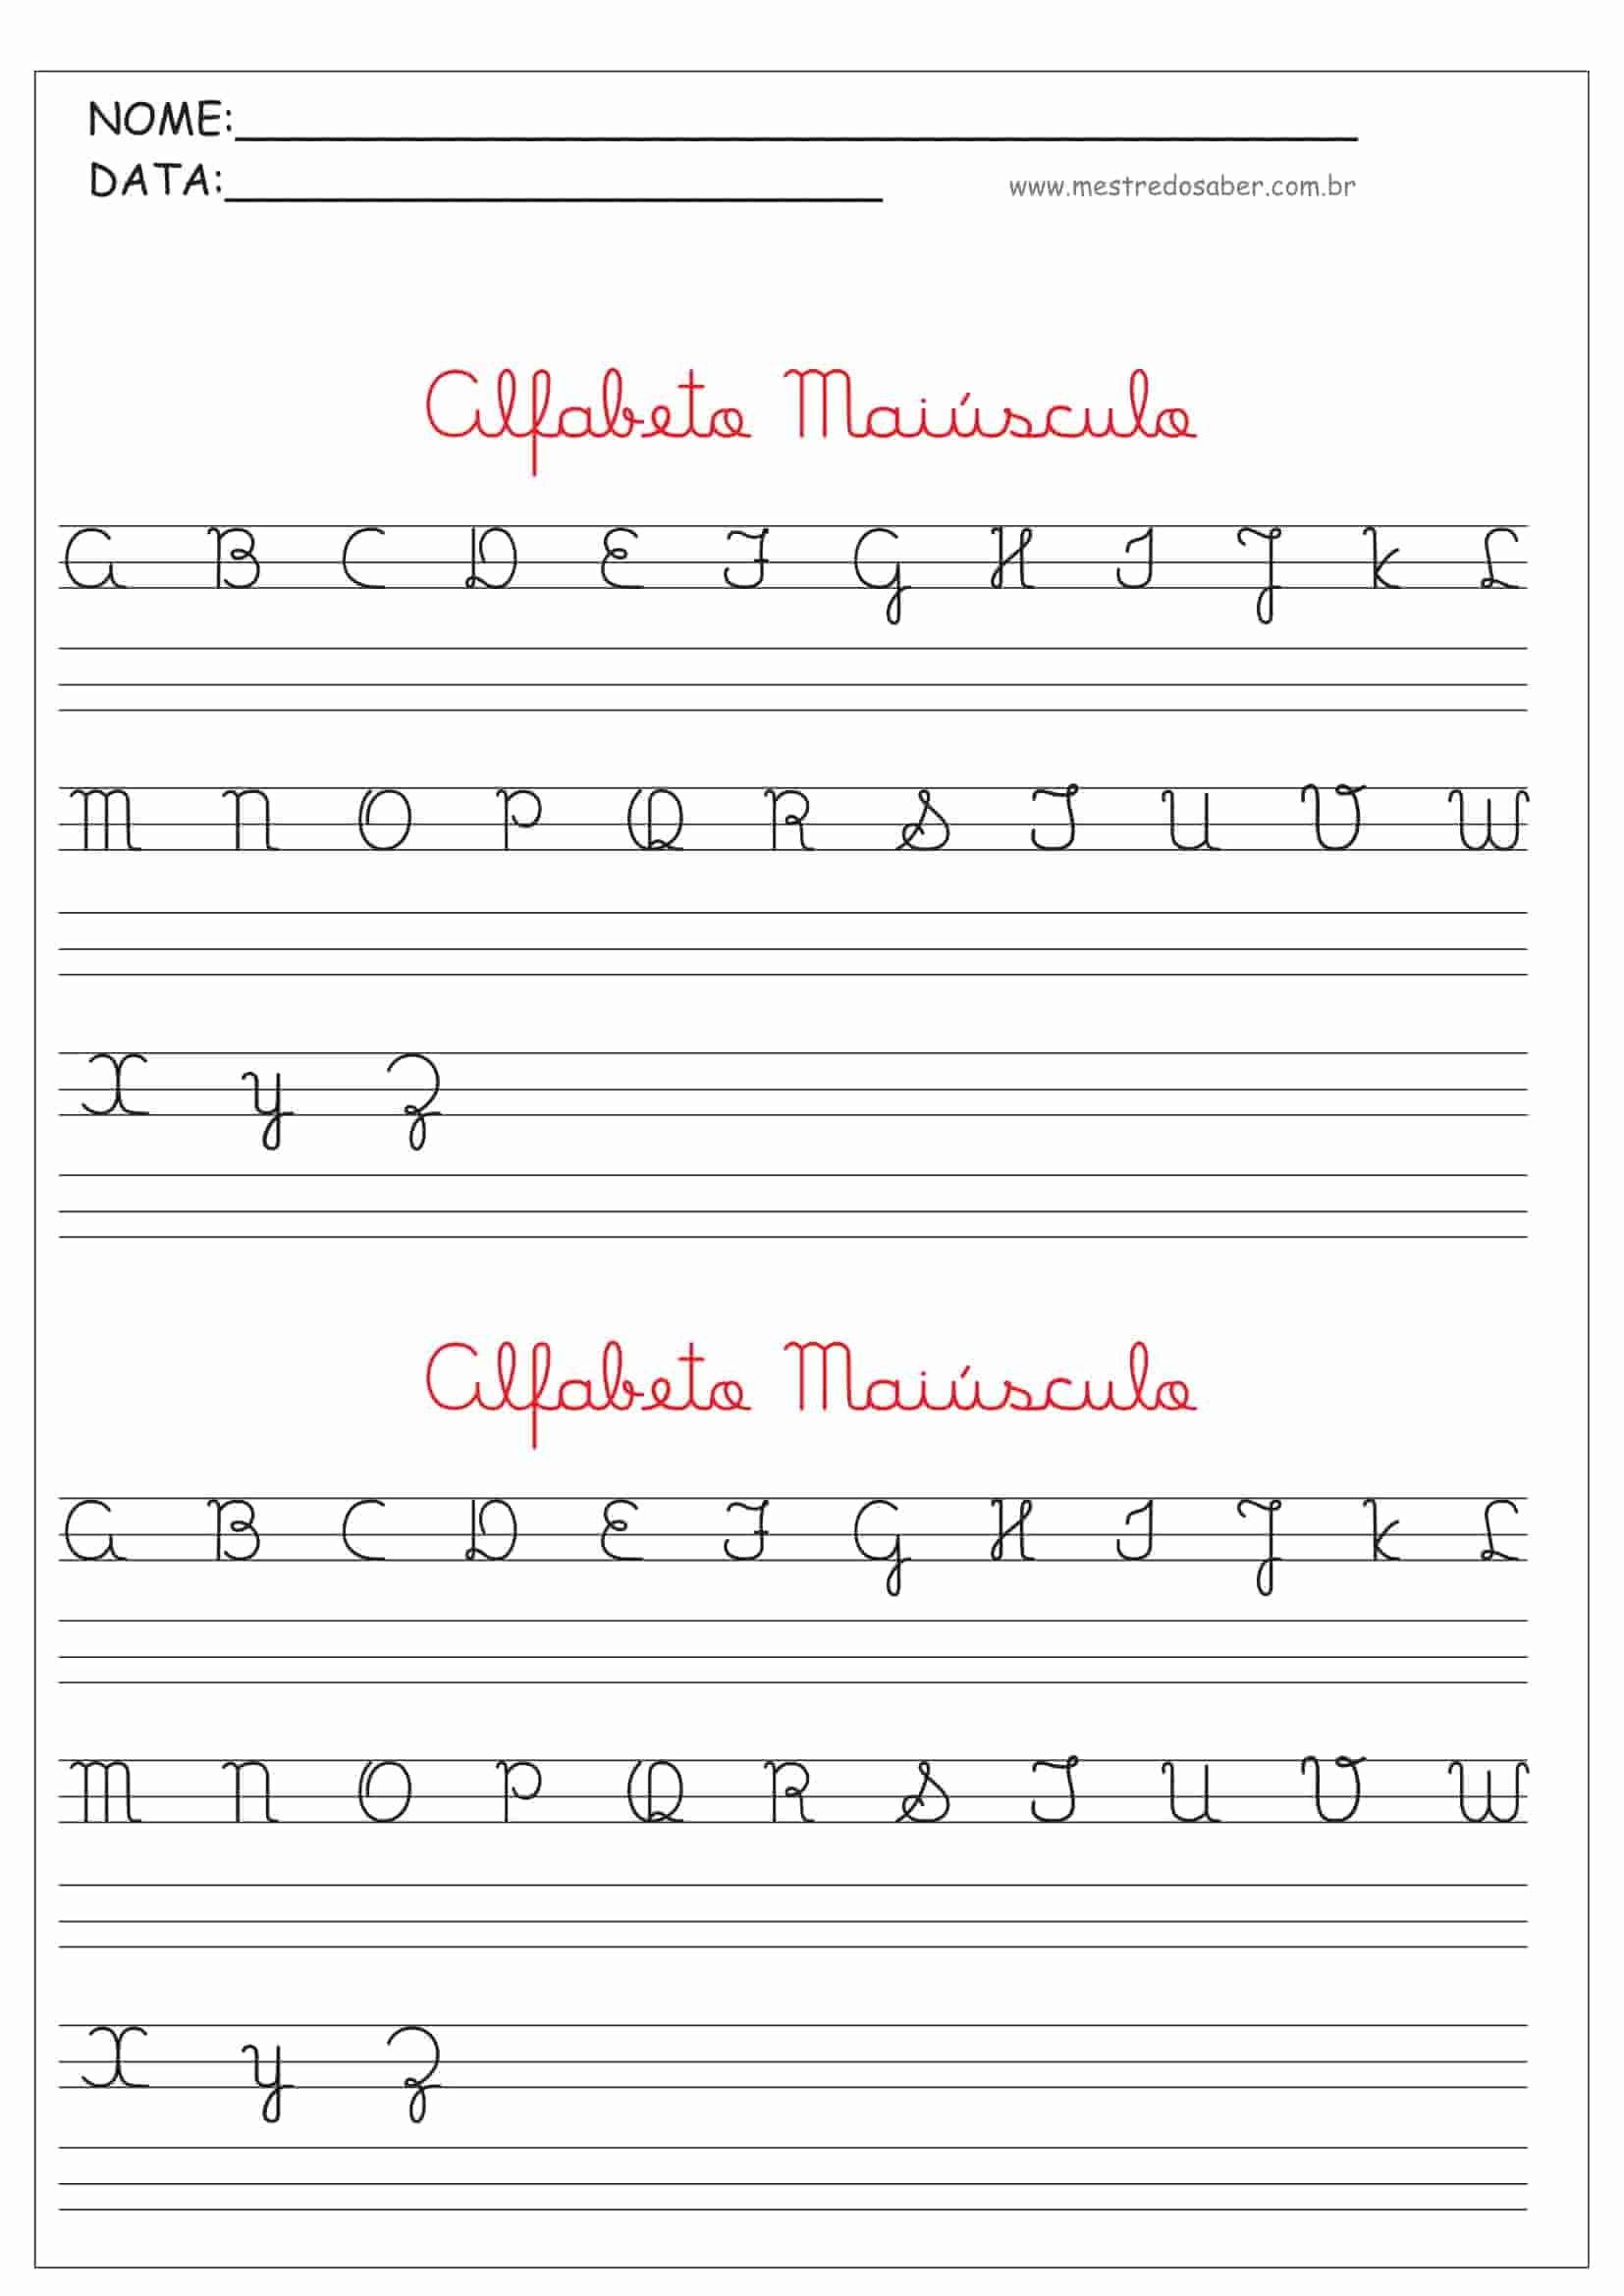 2 Alfabeto Cursivo Maiusculo Jpg 1654 2339 Com Imagens